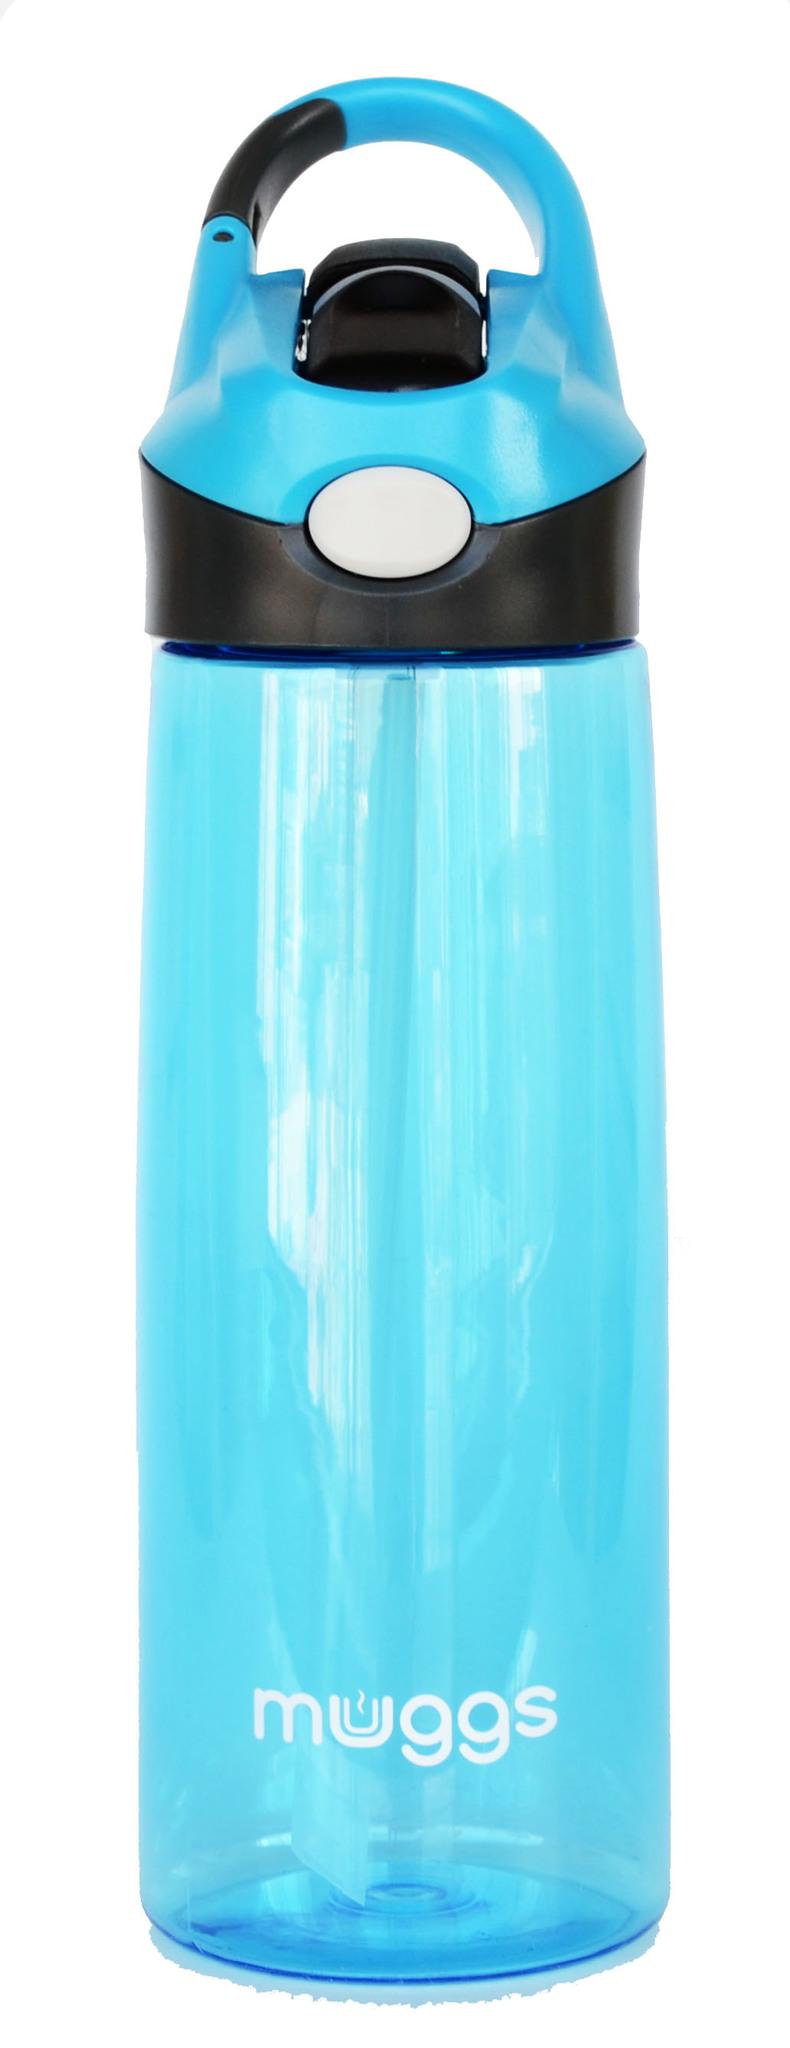 Бутылка для воды Muggs Flip Straw с трубочкой 600 мл. голубая